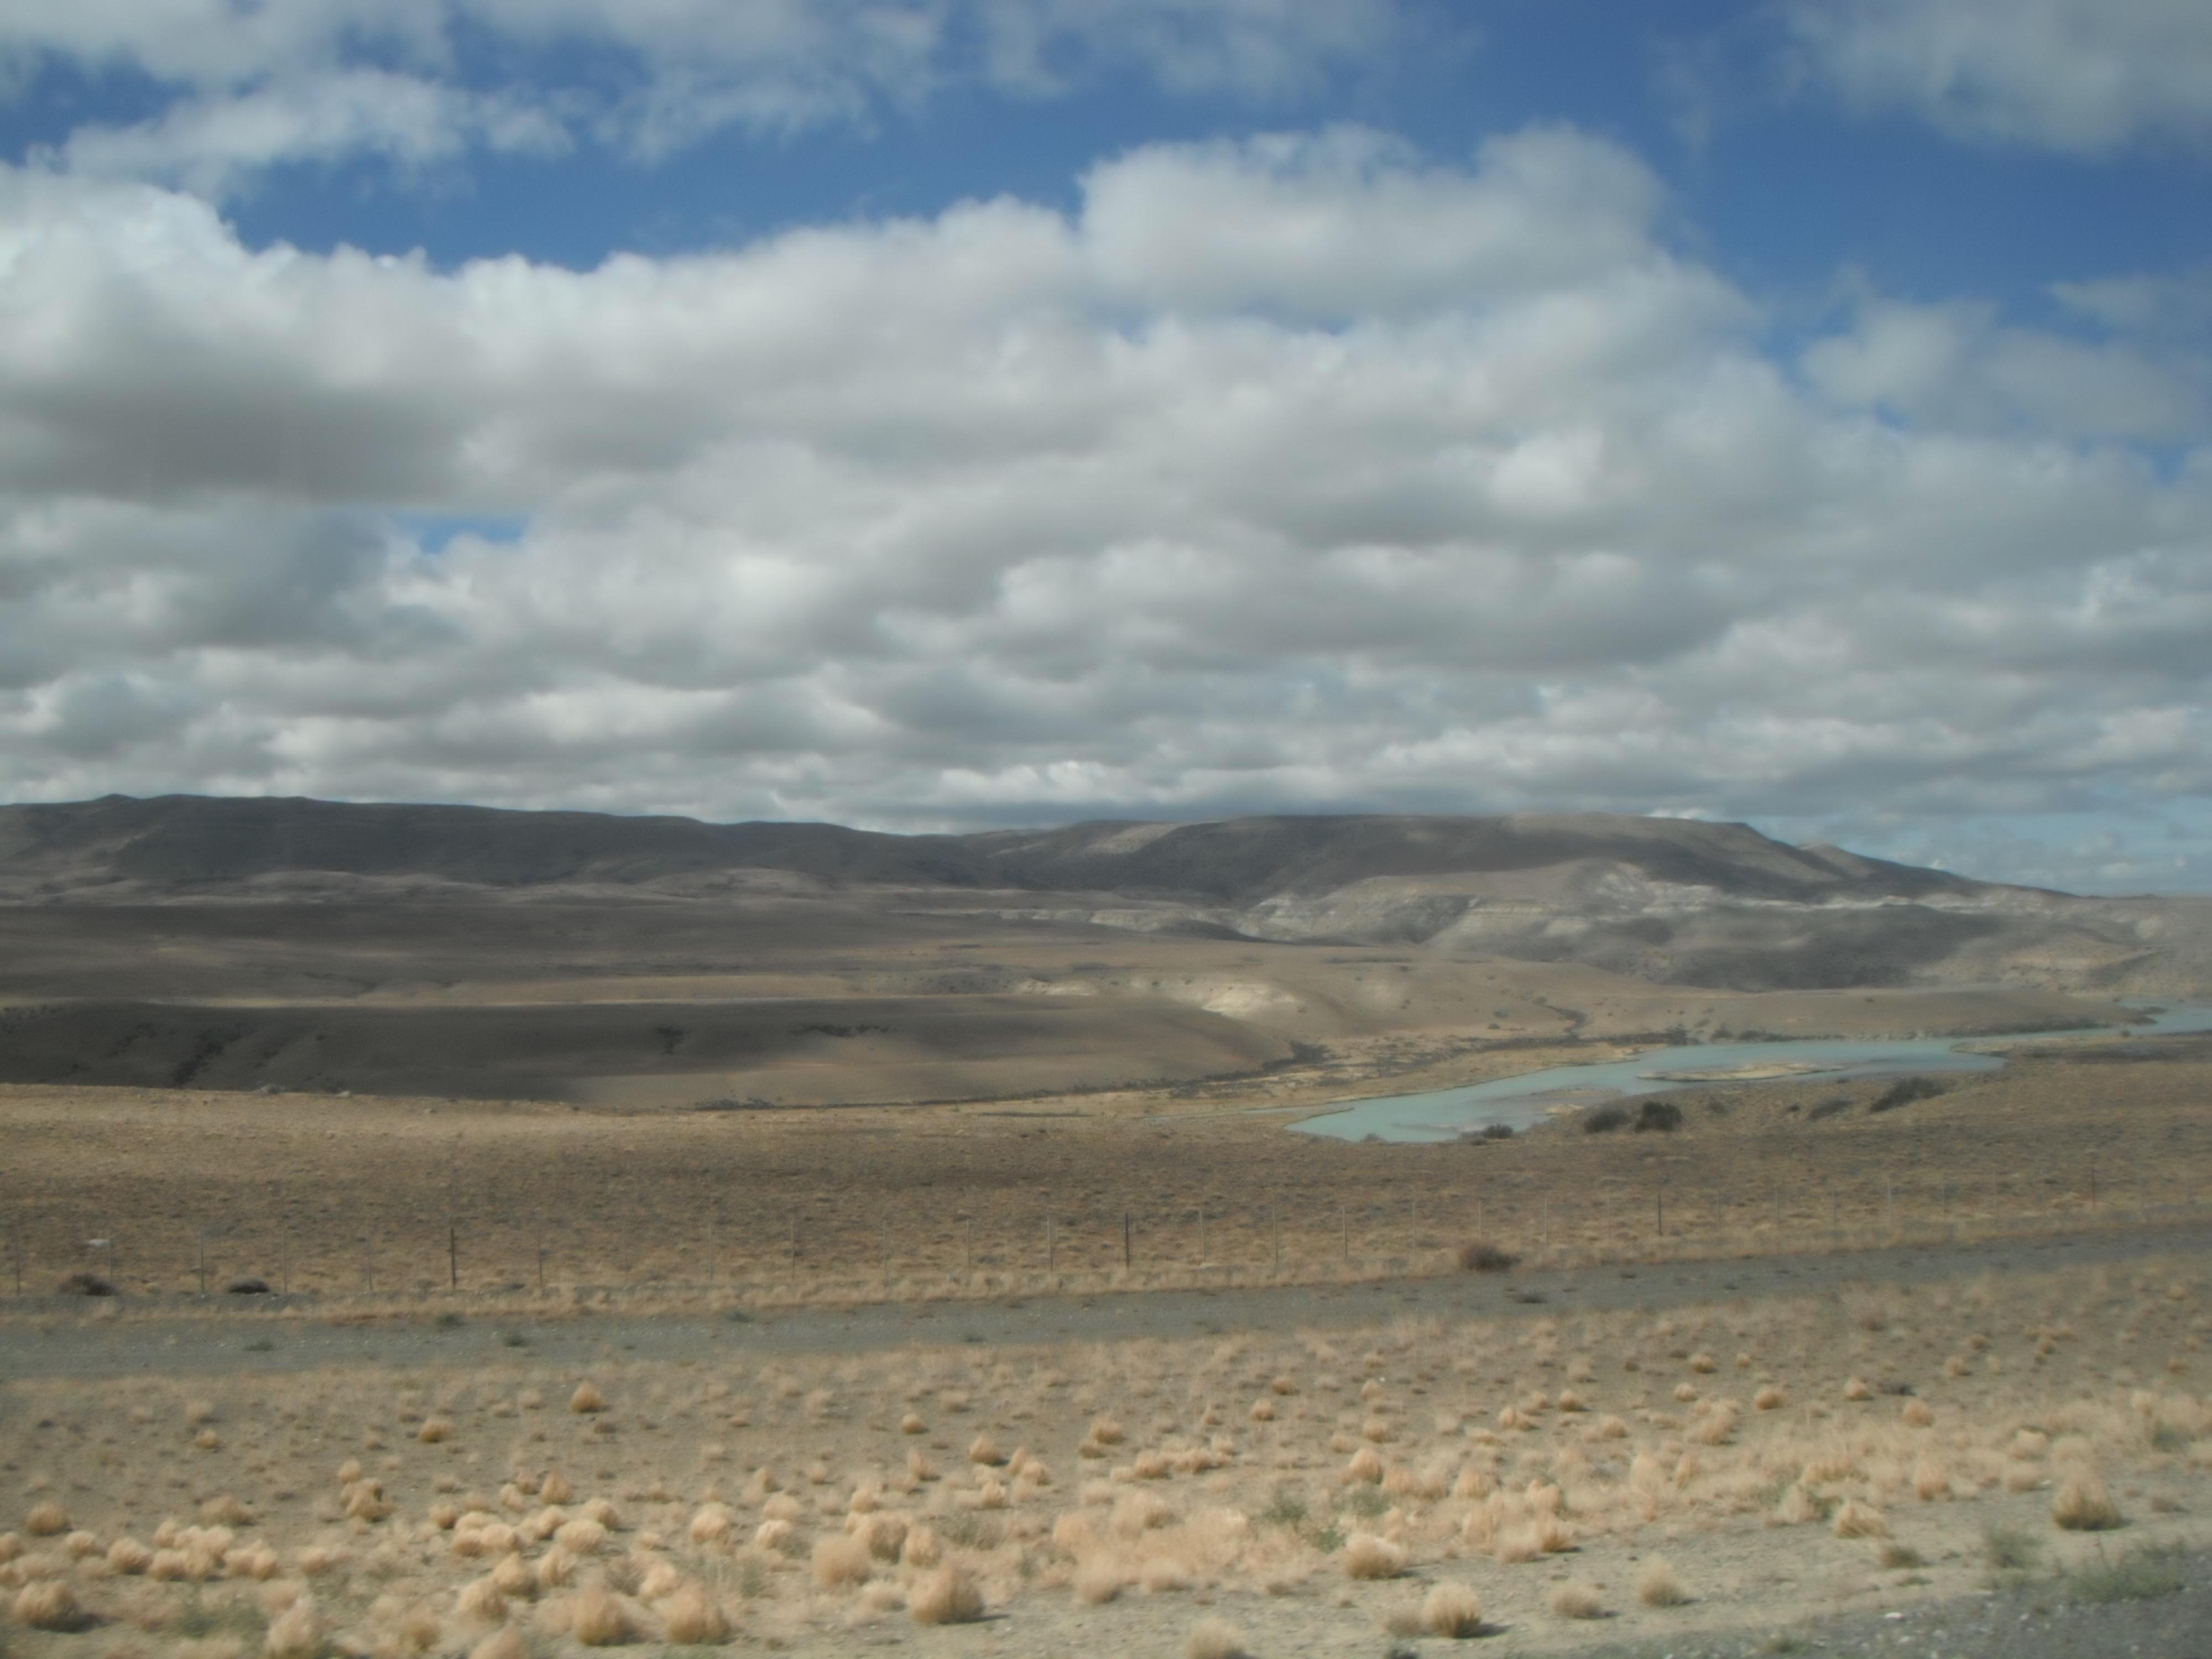 Аргентина, Патагония.Долина реки Леона .28.02.2012